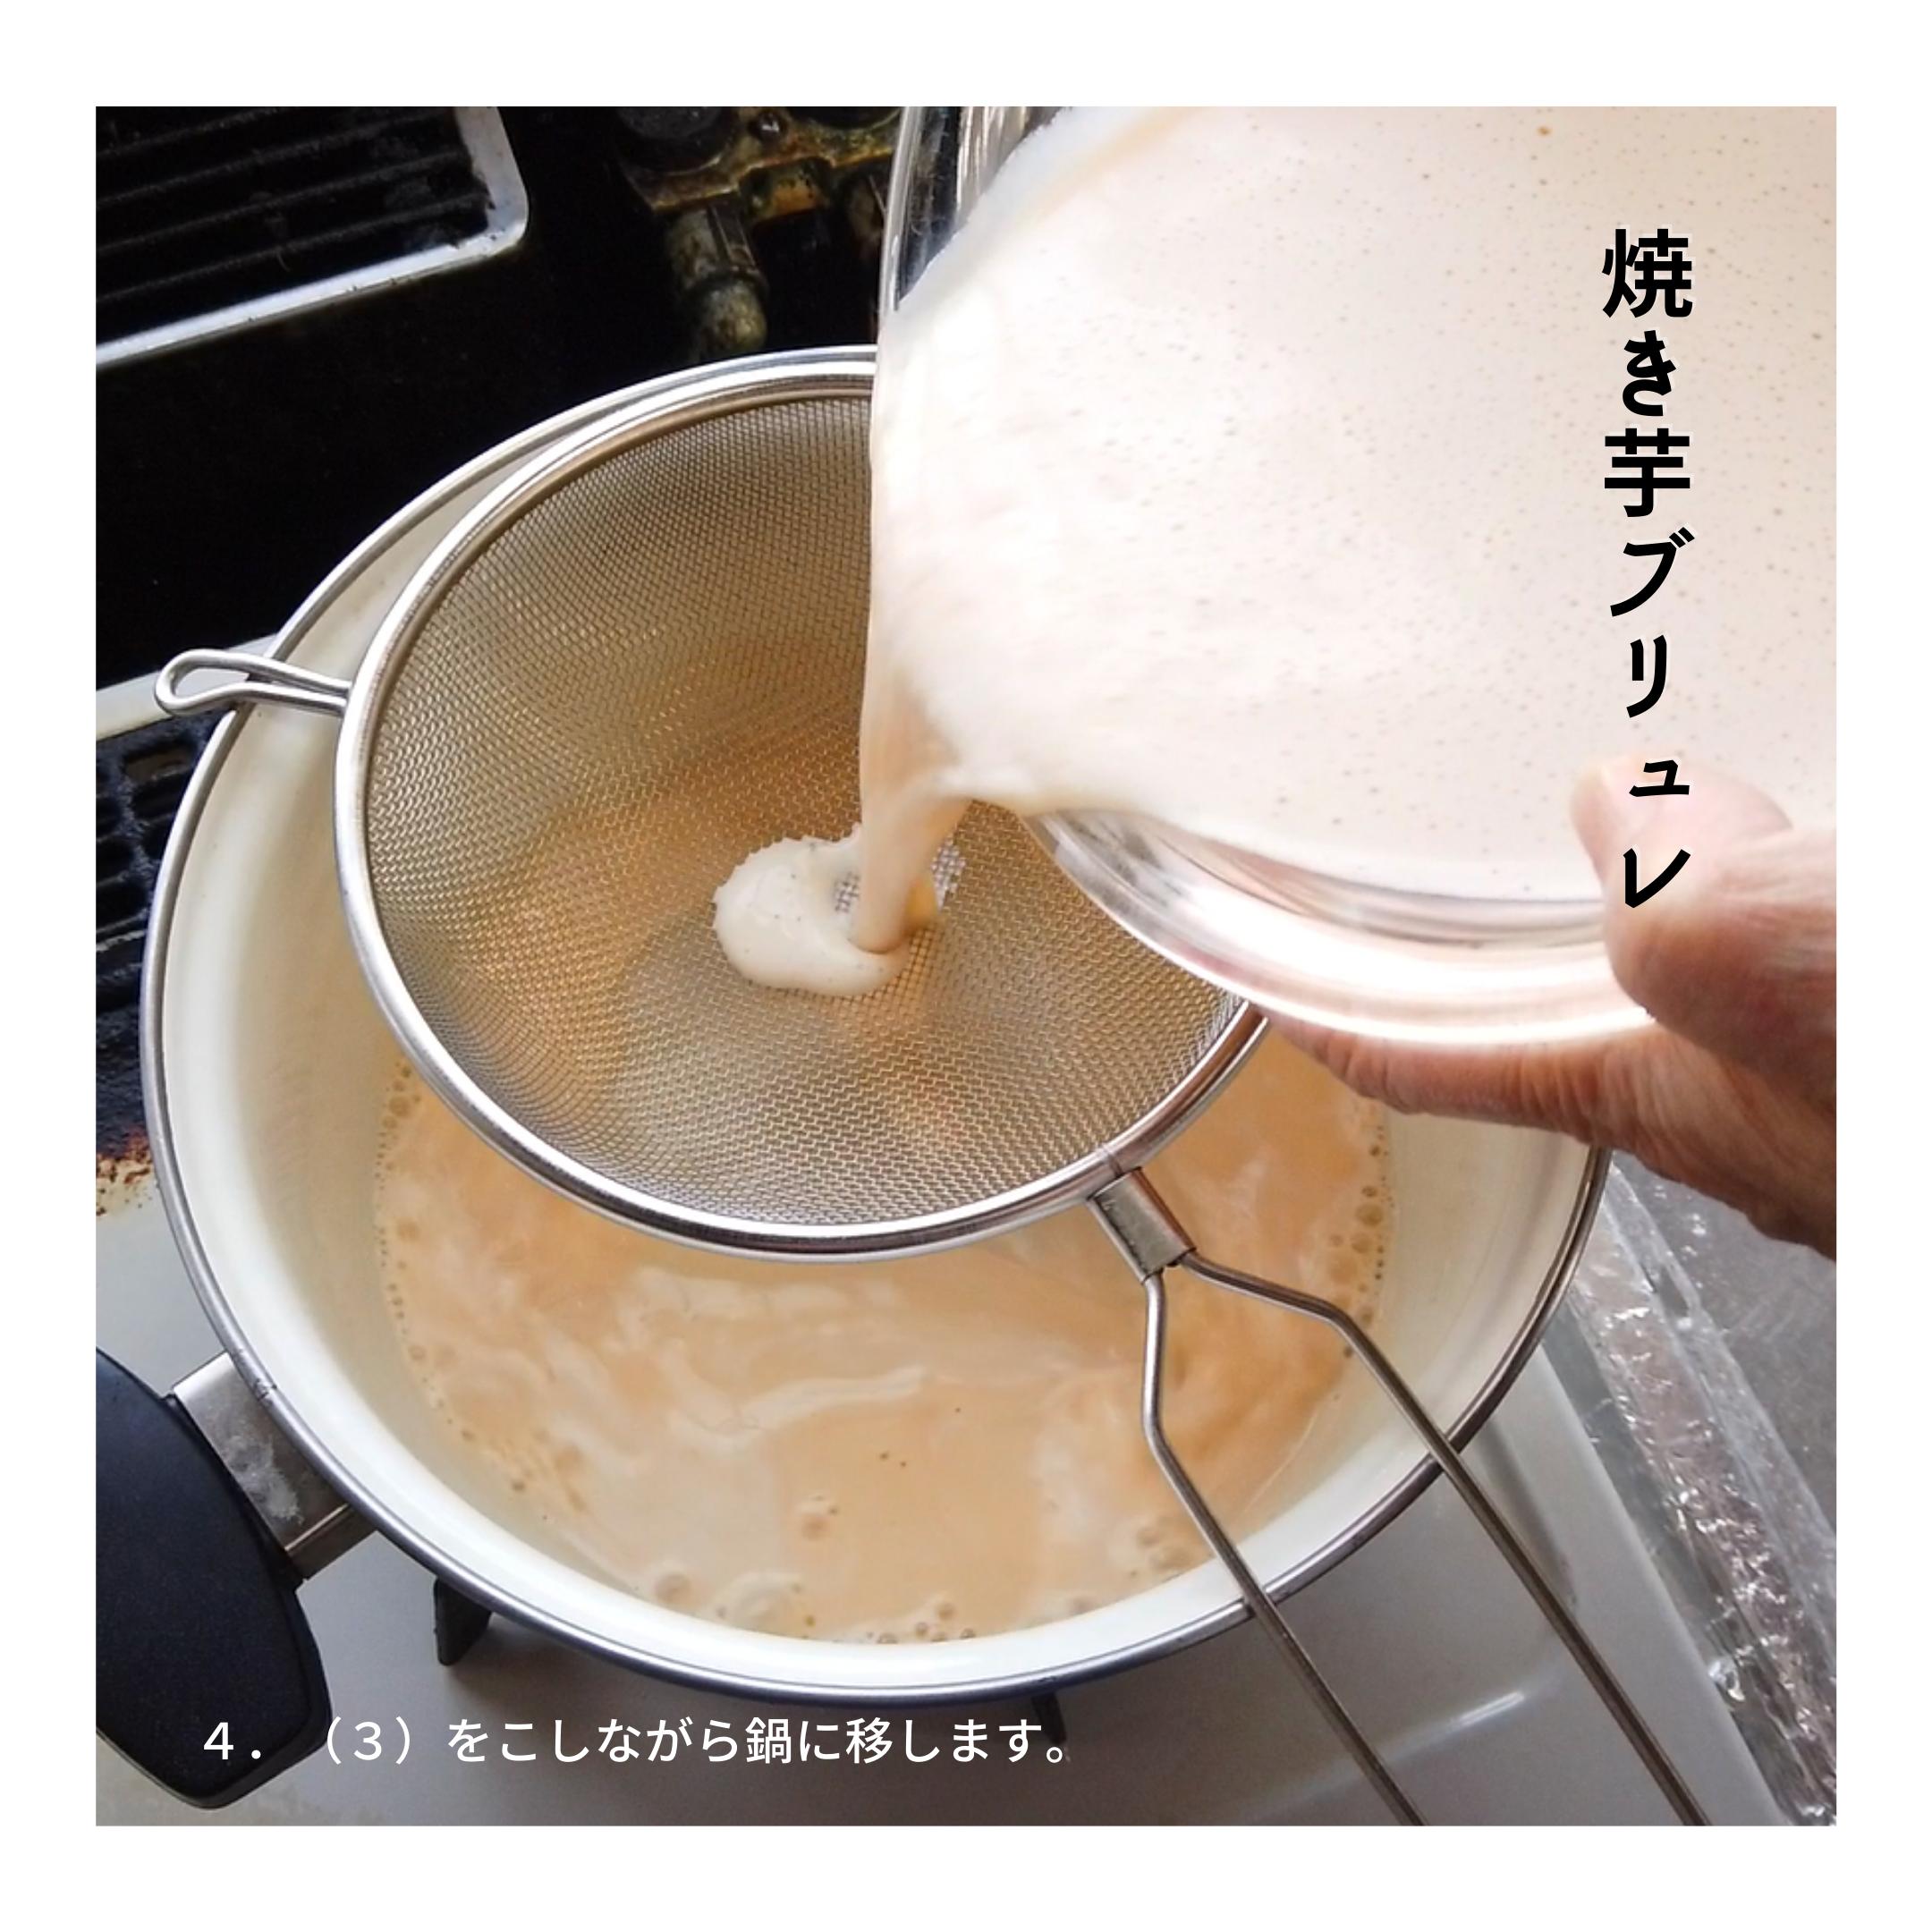 【焼き芋(壺芋)ブリュレの作り方】4.(3)をこしながら鍋に移します。